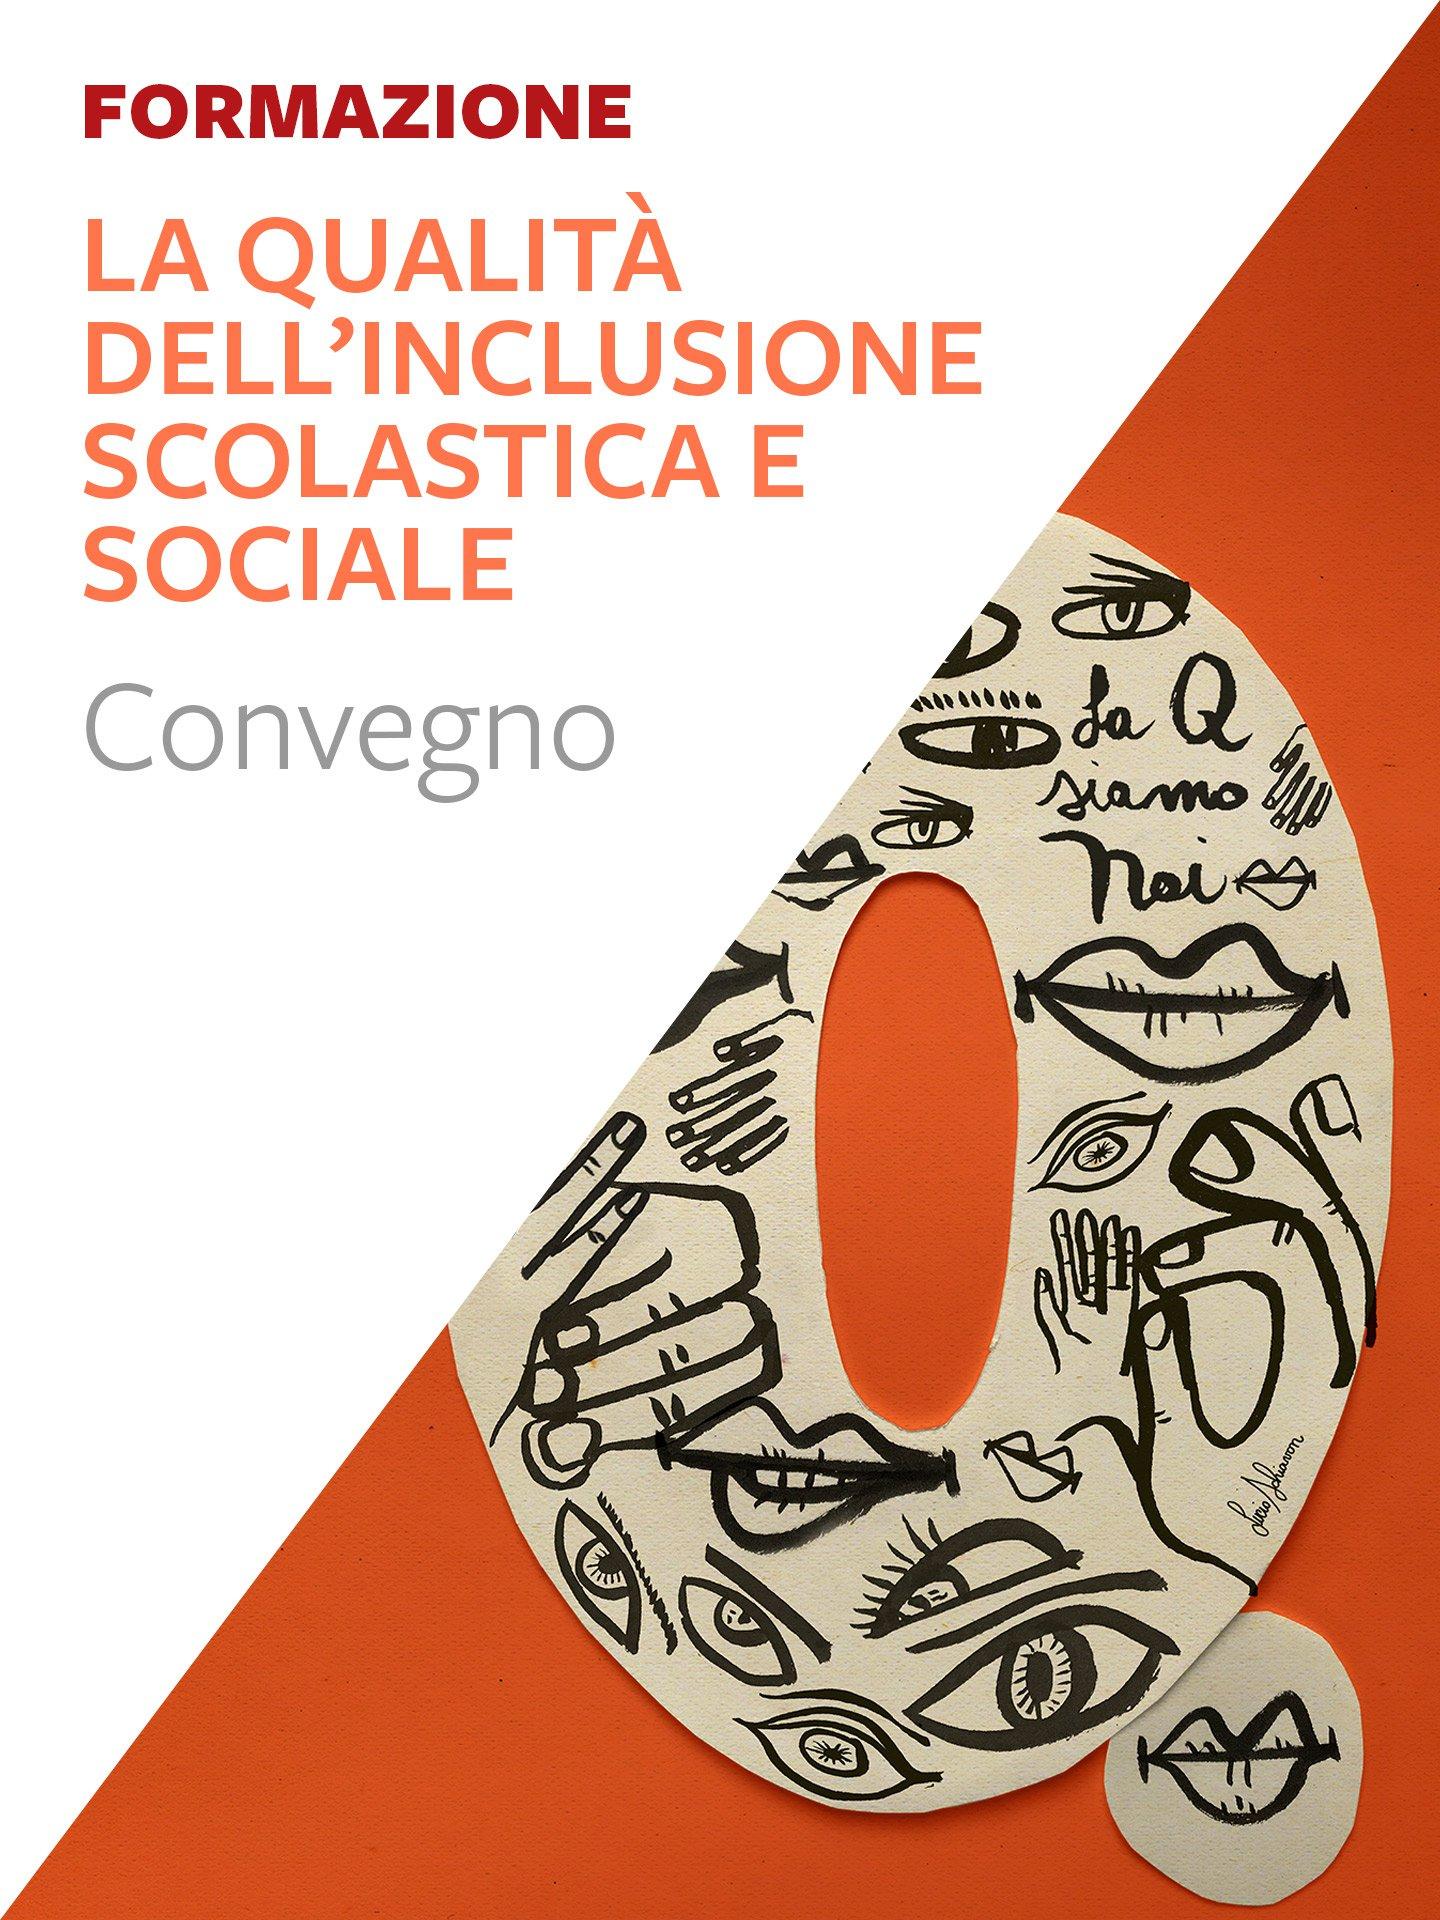 La Qualità dell'inclusione scolastica e sociale - Geografia facile per la classe quinta - Libri - Erickson